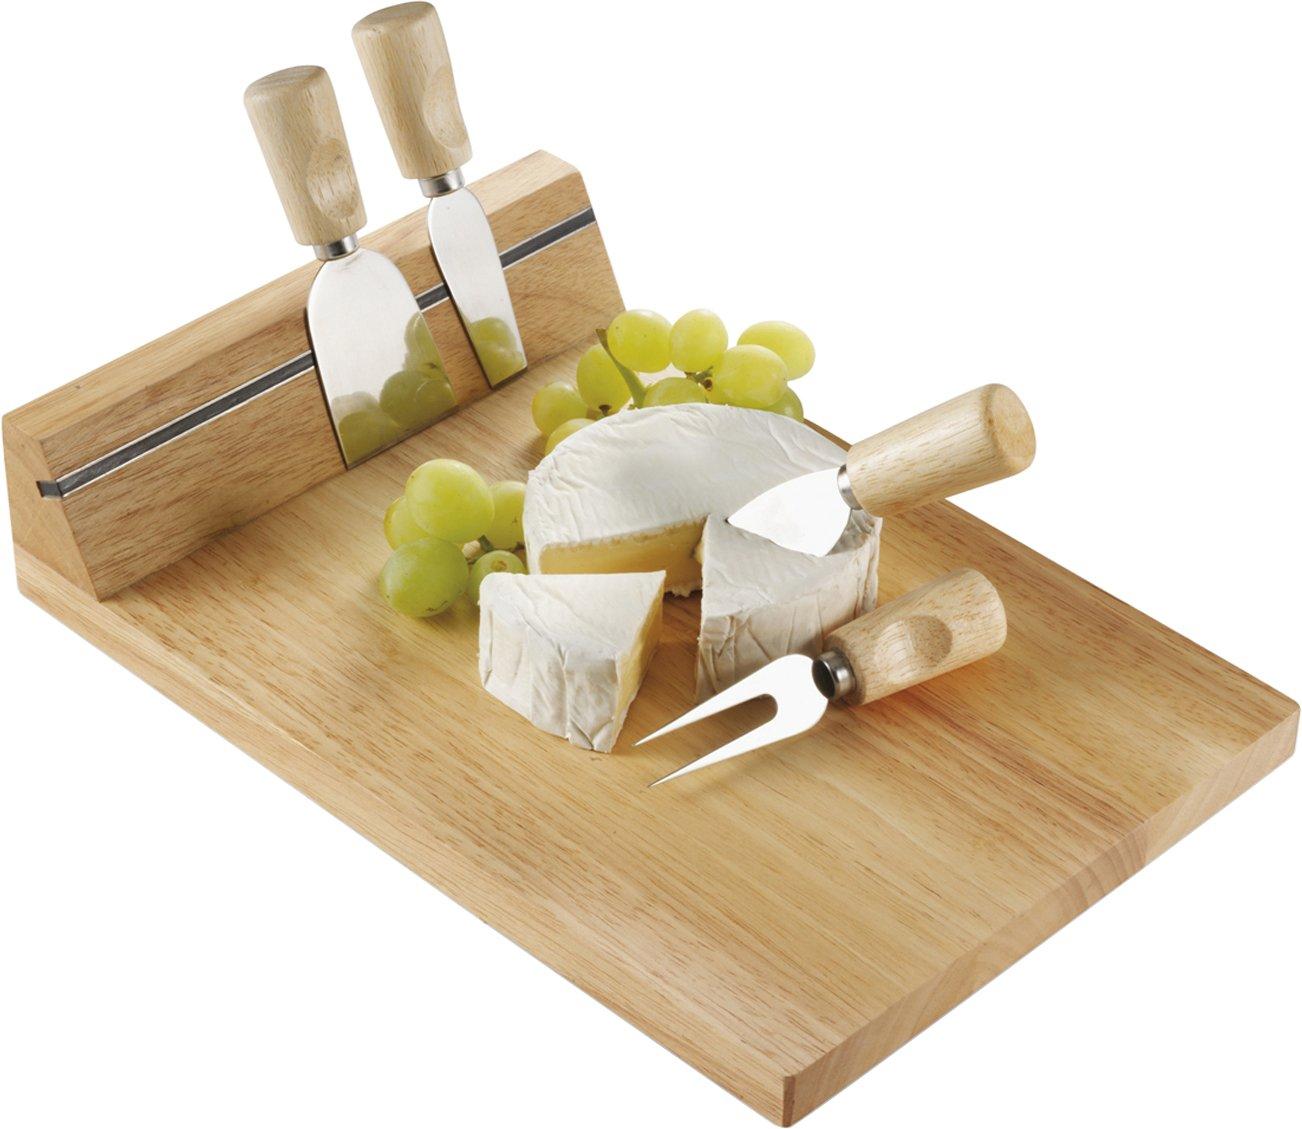 Formaggio tagliere in legno Con magnete per il 4-pezzi Spedizione senza posate formaggio NoName